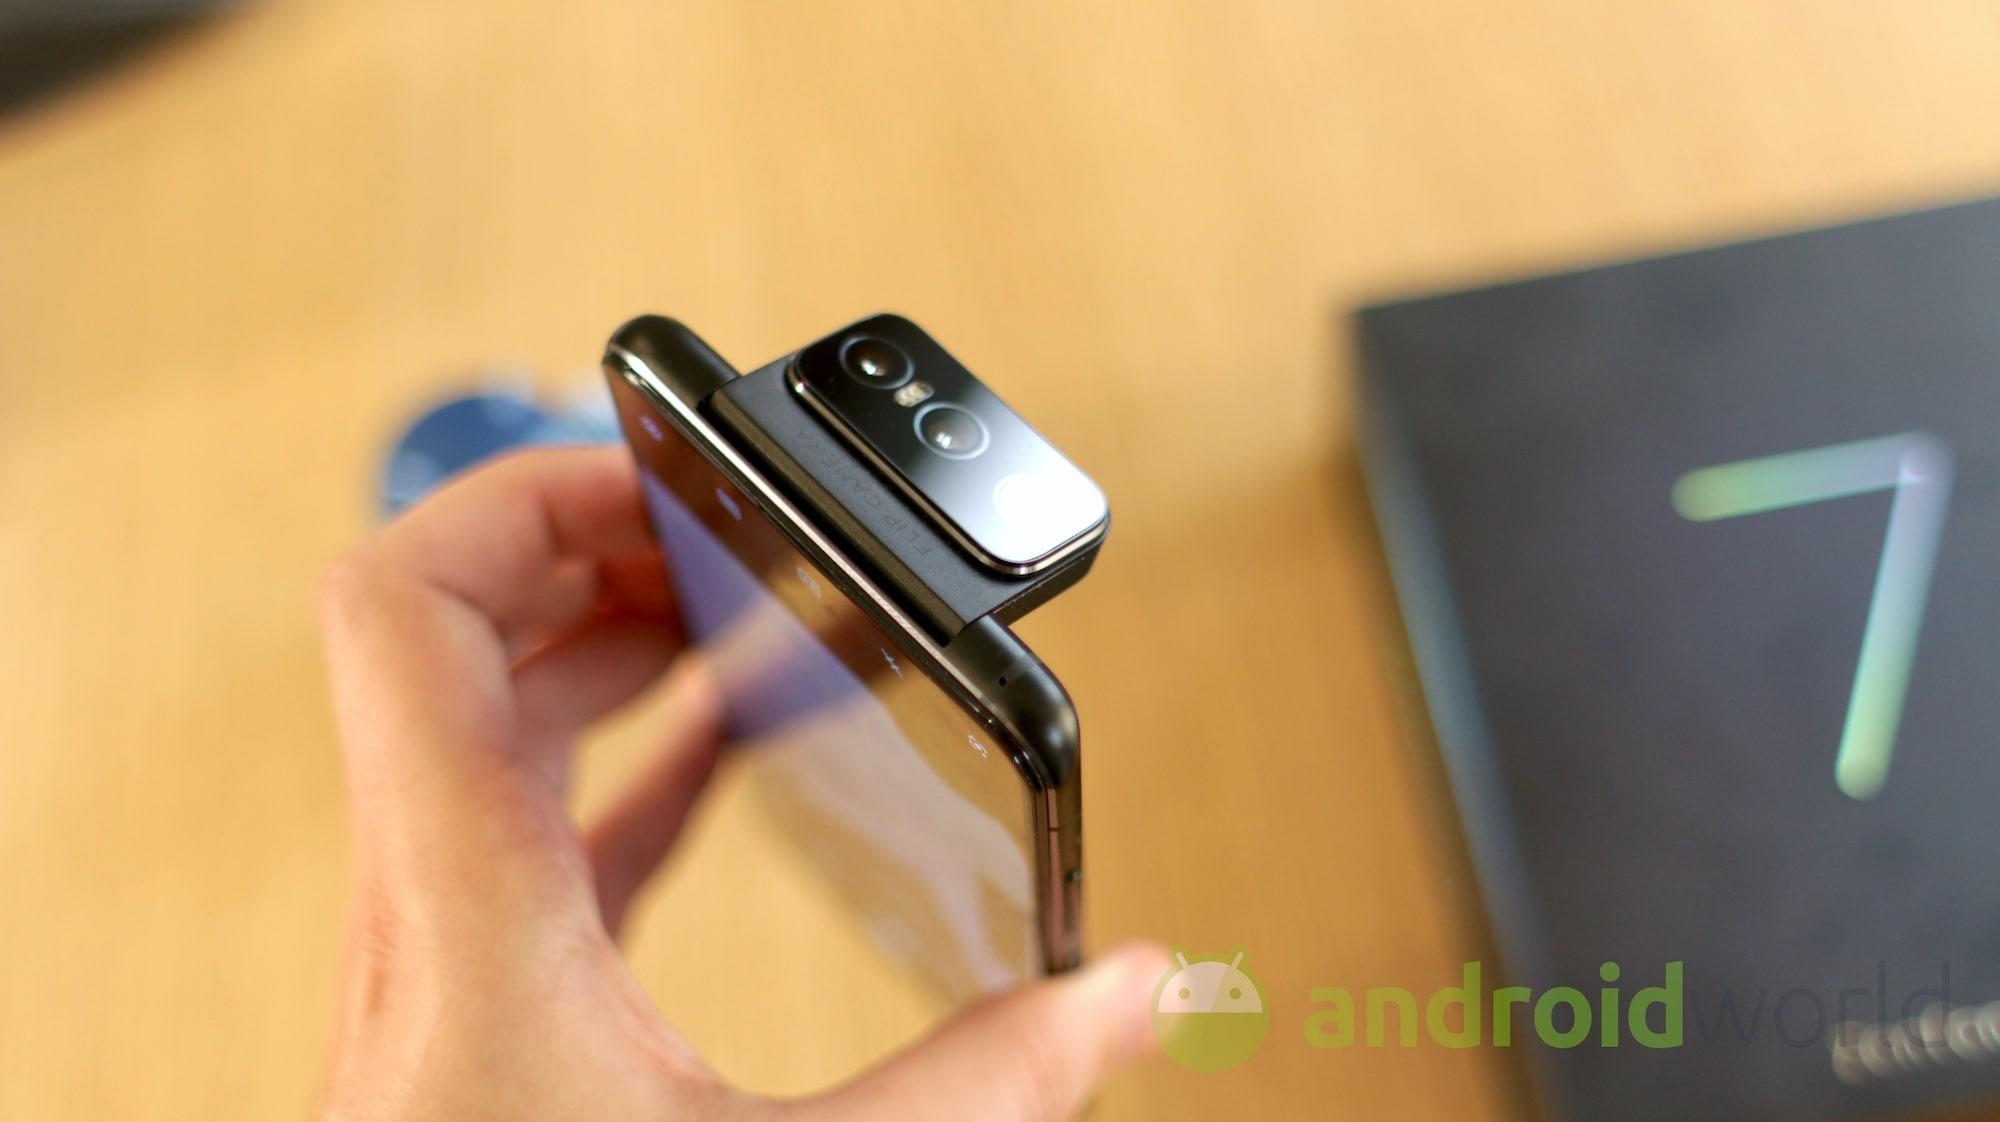 Zenfone 7 Pro è appena arrivato ed è già pronto ad aggiornarsi! (foto e video)